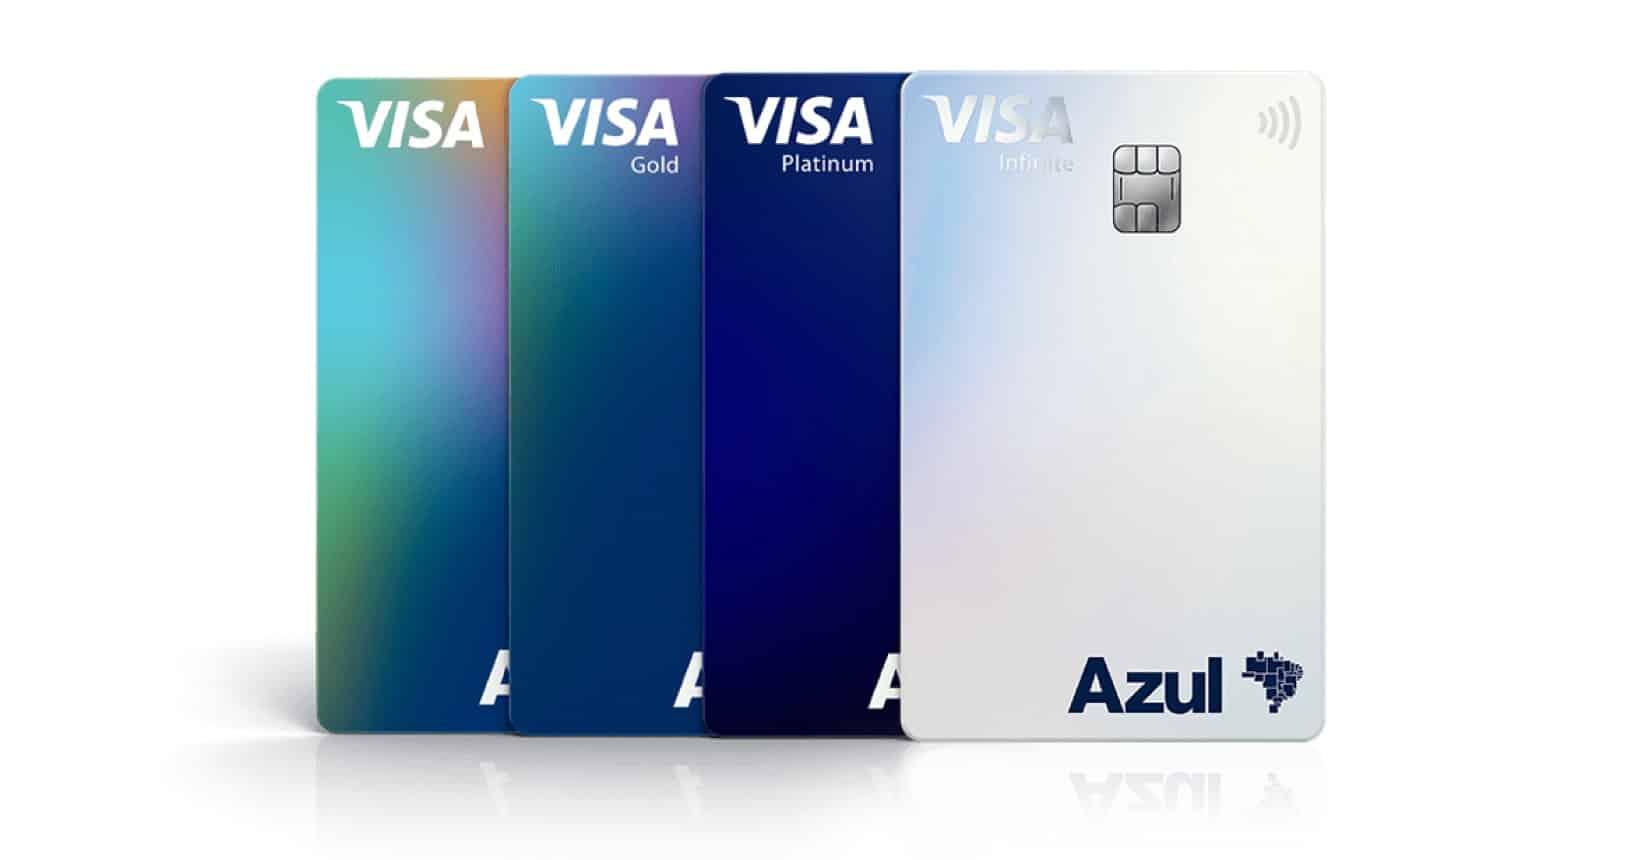 Cartão azul: conheça essa possibilidade com um ótimo programa de pontos!